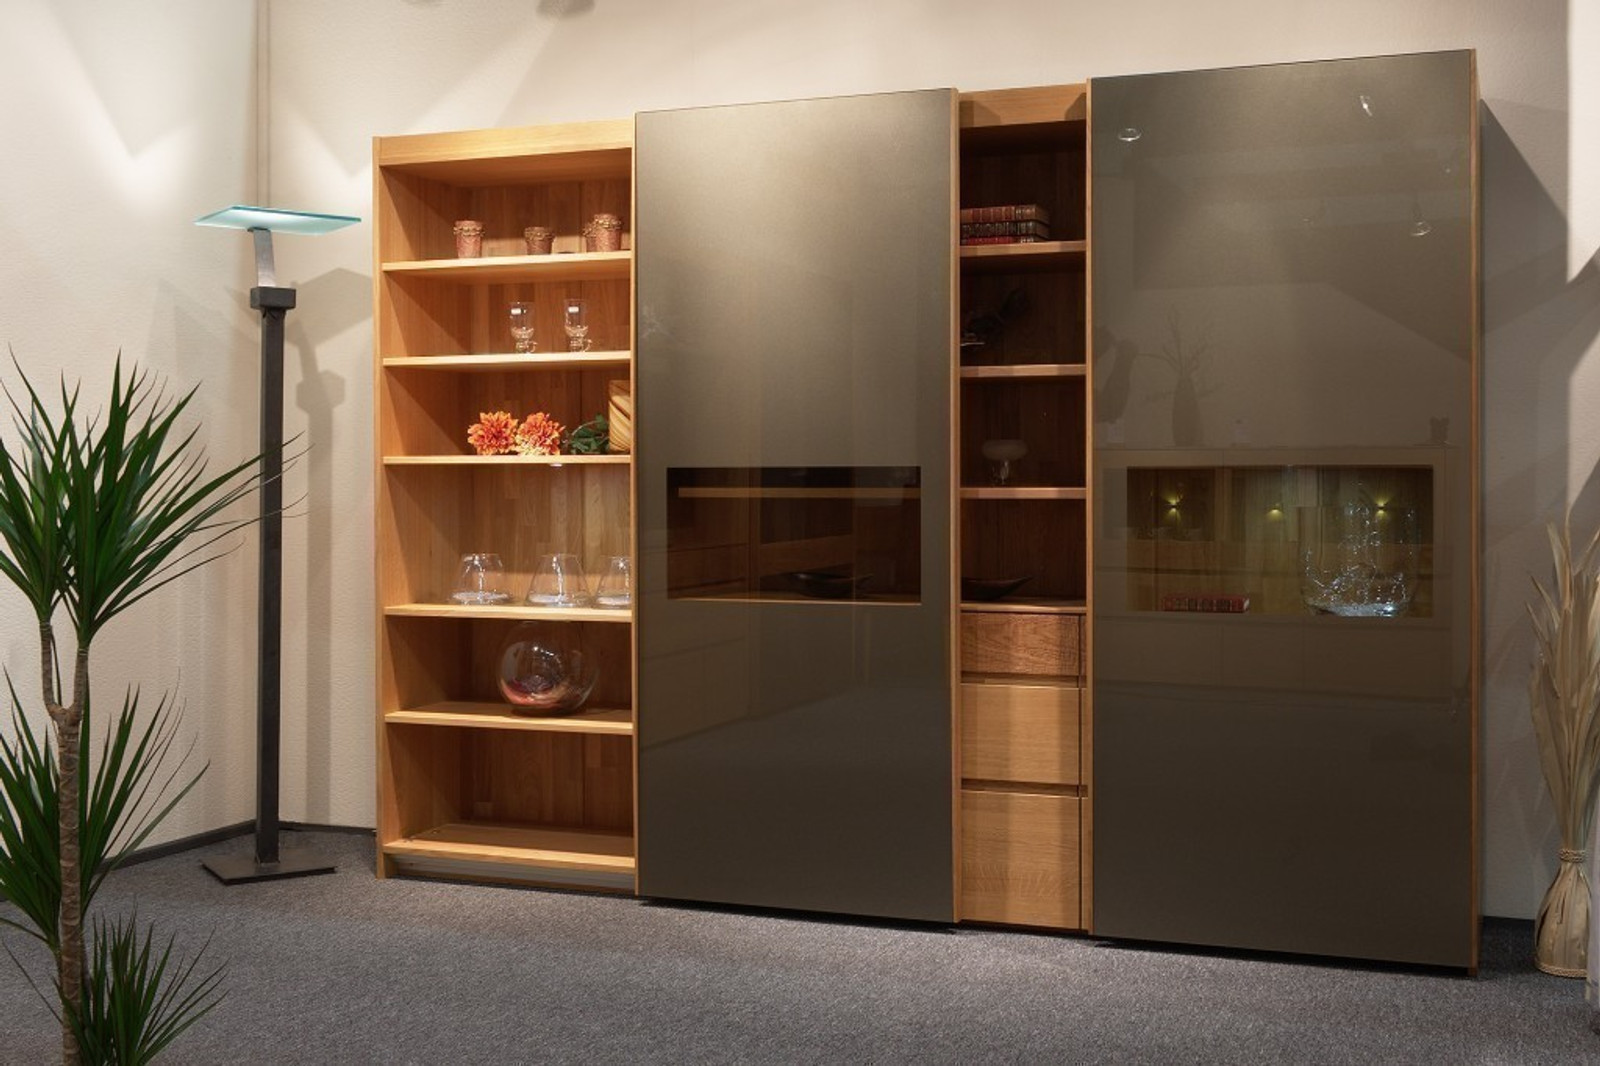 vollholz schrank moderna ar 284 mit 2 schiebet ren mit glasfront mit offenem regal eiche oder. Black Bedroom Furniture Sets. Home Design Ideas